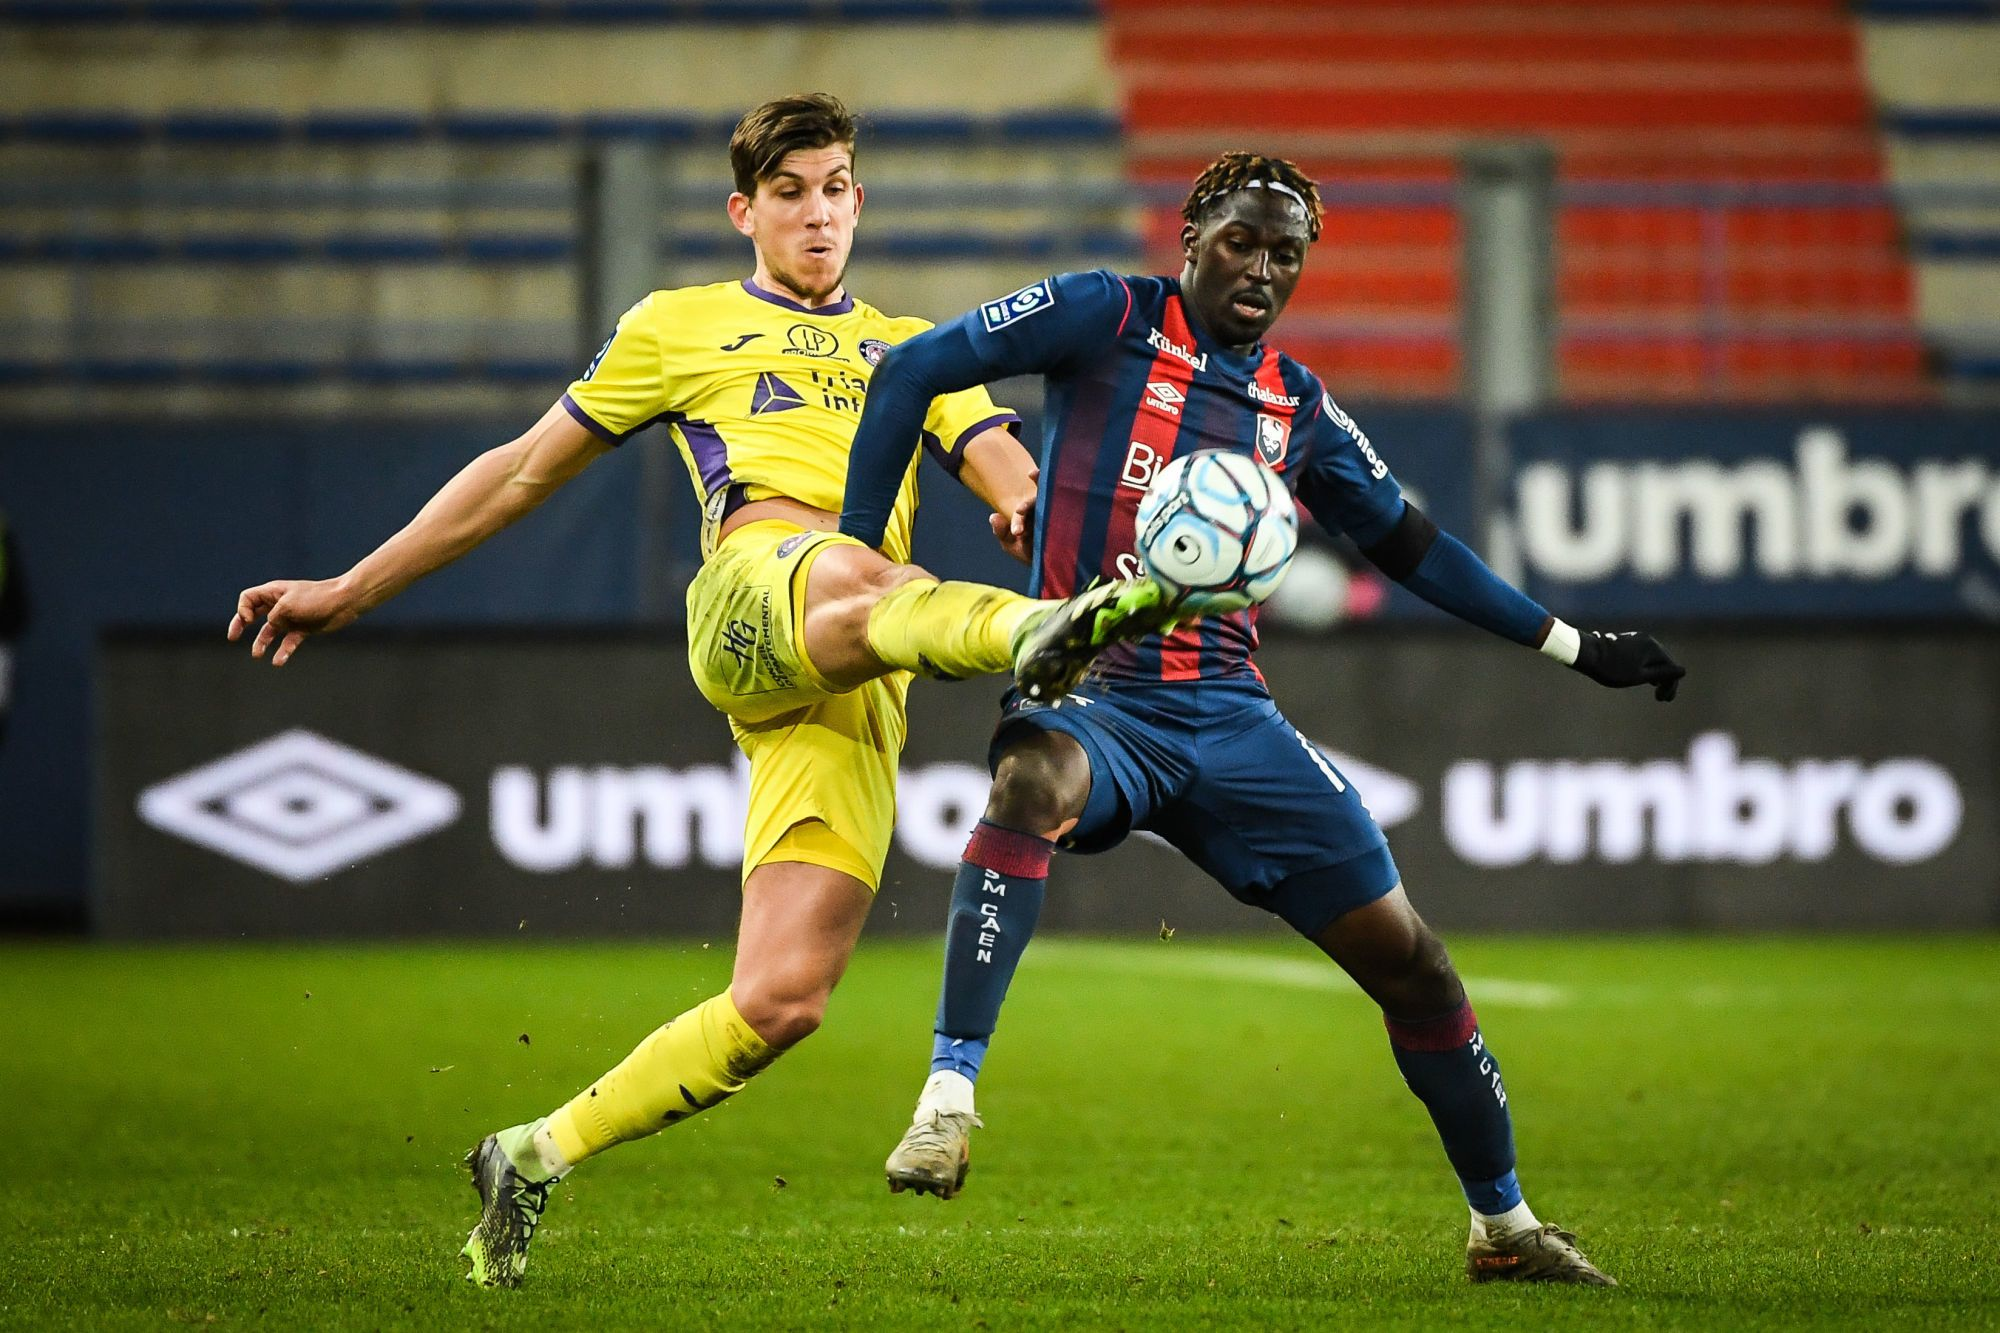 L'Observatoire du football dévoile ses prévisions pour le classement final du SM Caen